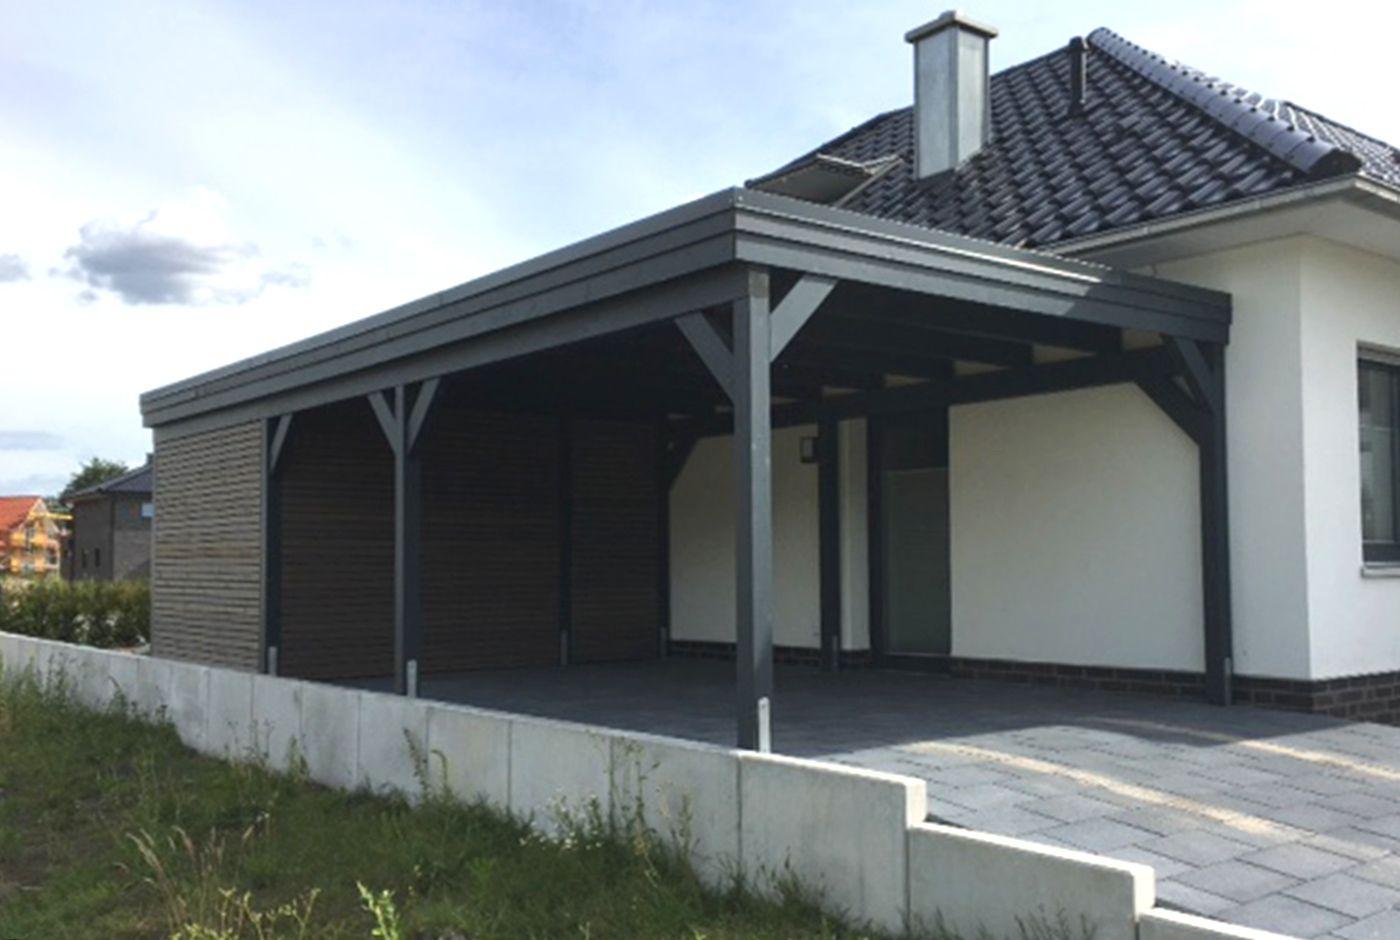 ein carport aus leimholz in anthrazit mit einem ger teraum aus rhombusleisten mit holzt r so. Black Bedroom Furniture Sets. Home Design Ideas